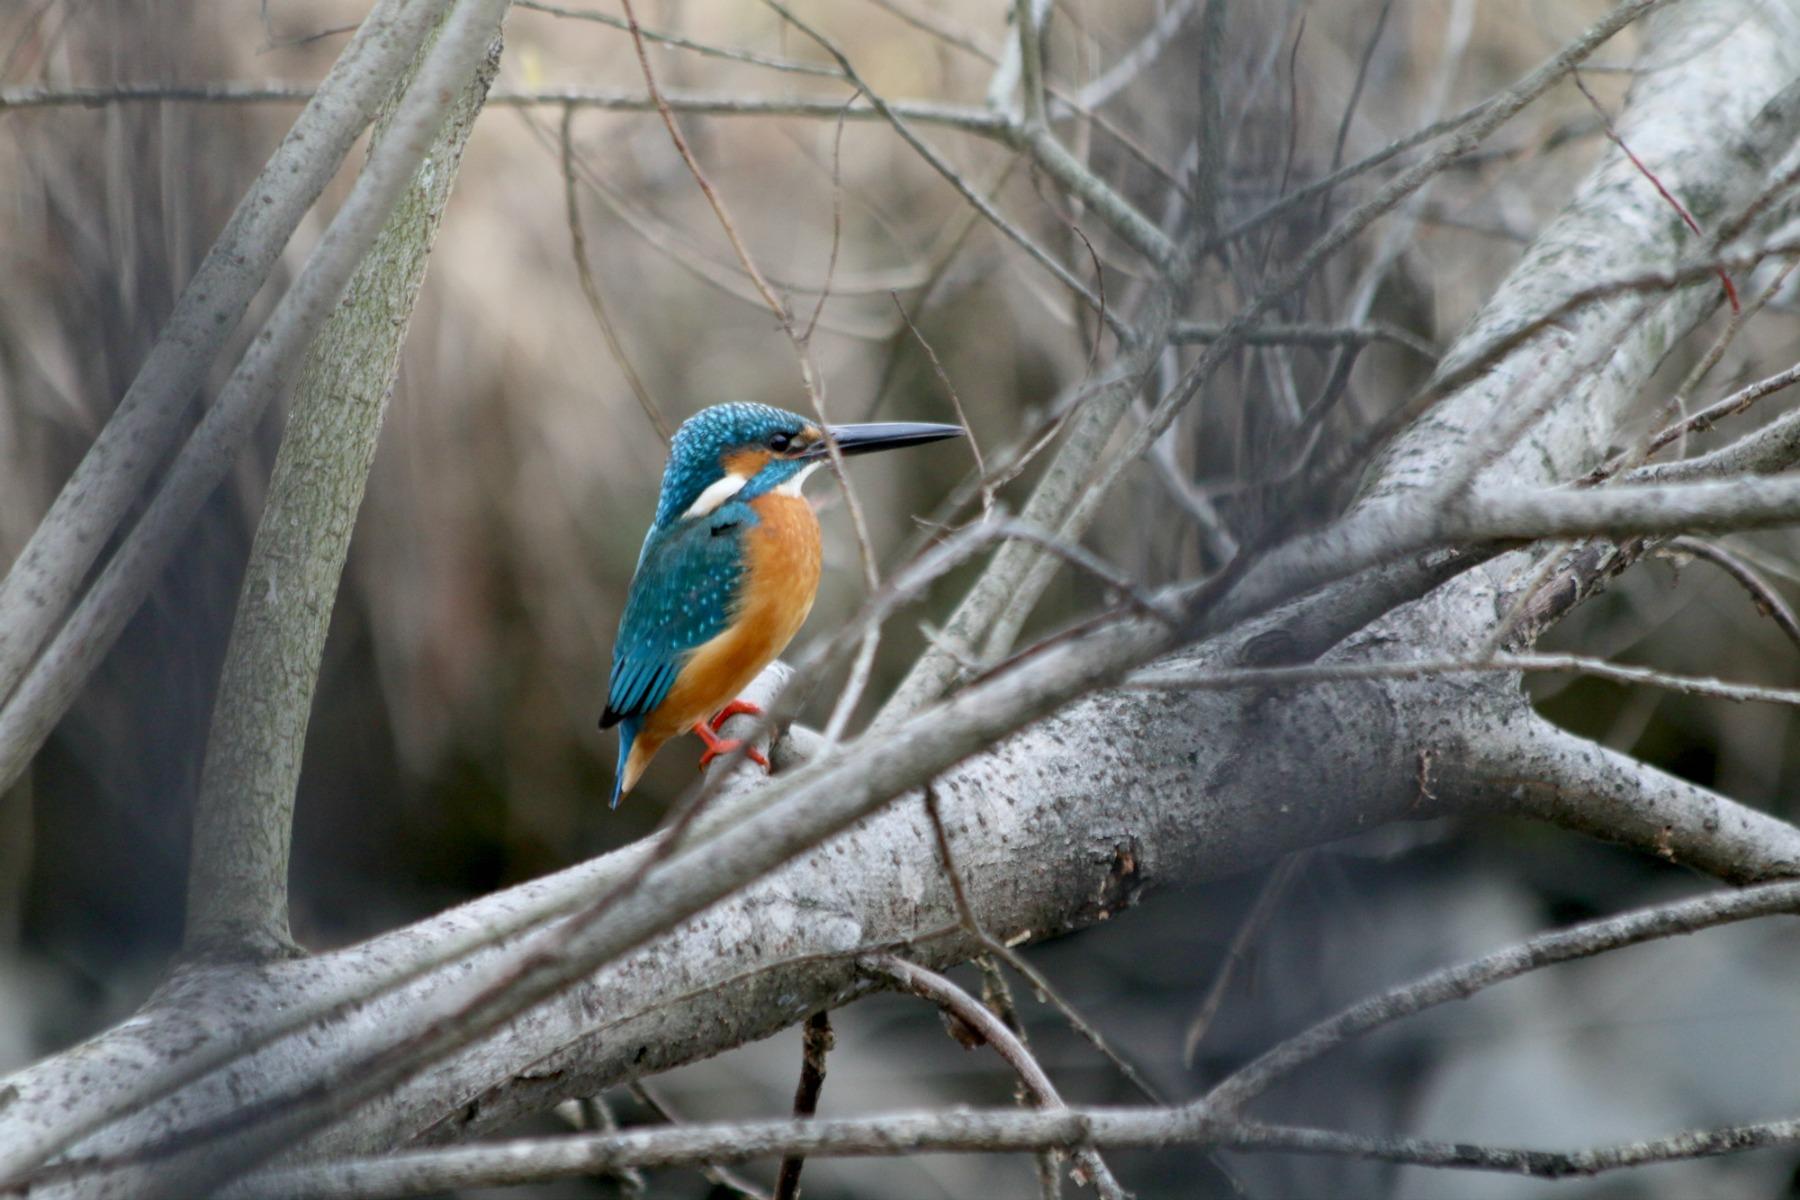 水元公園の鳥さんたち_a0127090_20524379.jpg